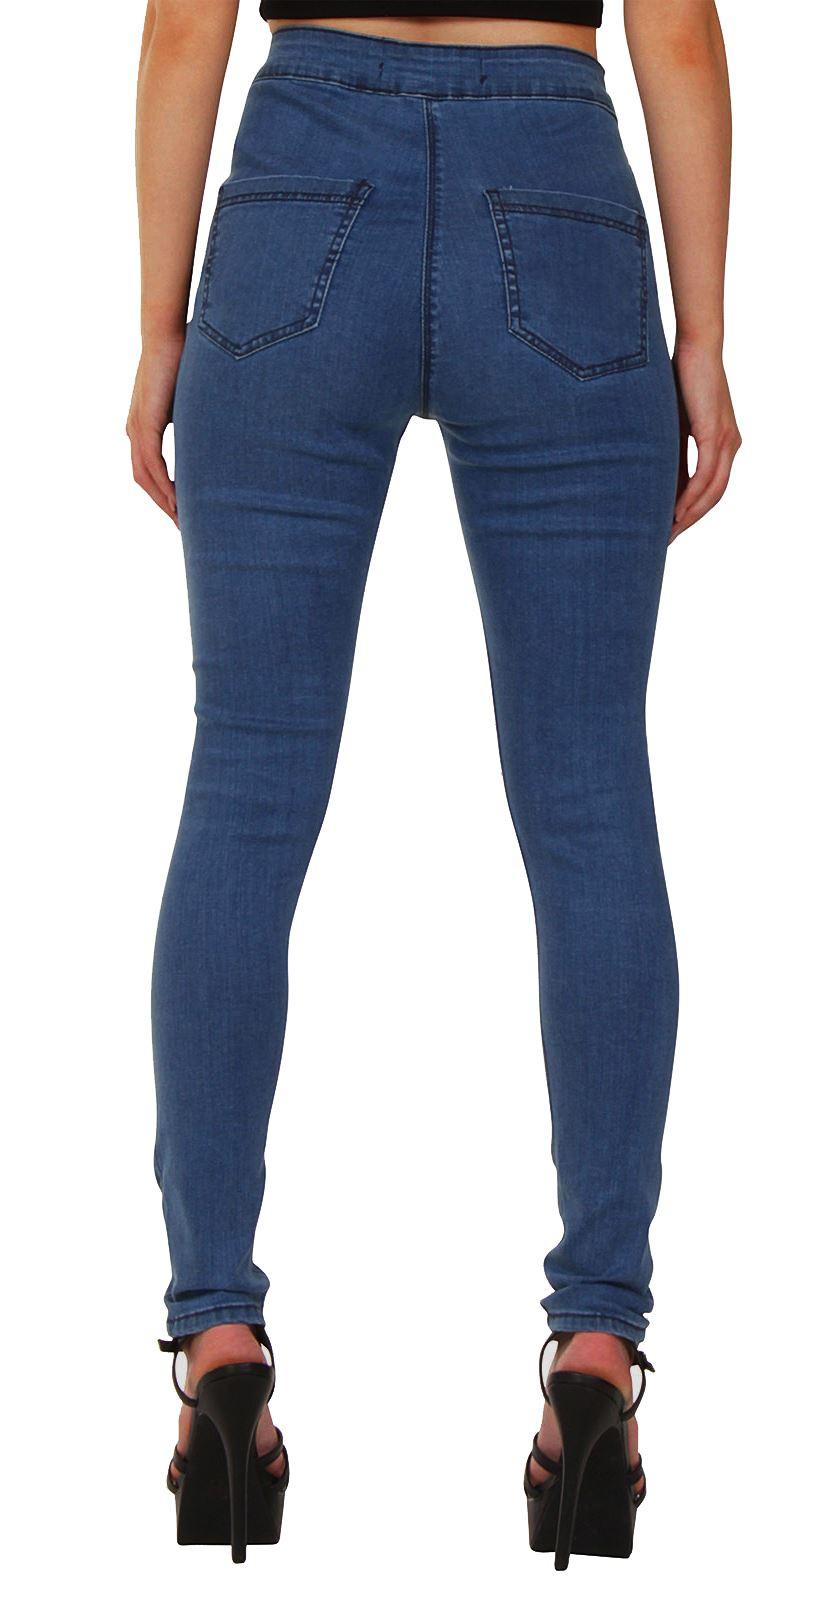 neu damen zerrissen skinny h fthohe jeans einfarbig tarnfarben aufdruck ebay. Black Bedroom Furniture Sets. Home Design Ideas